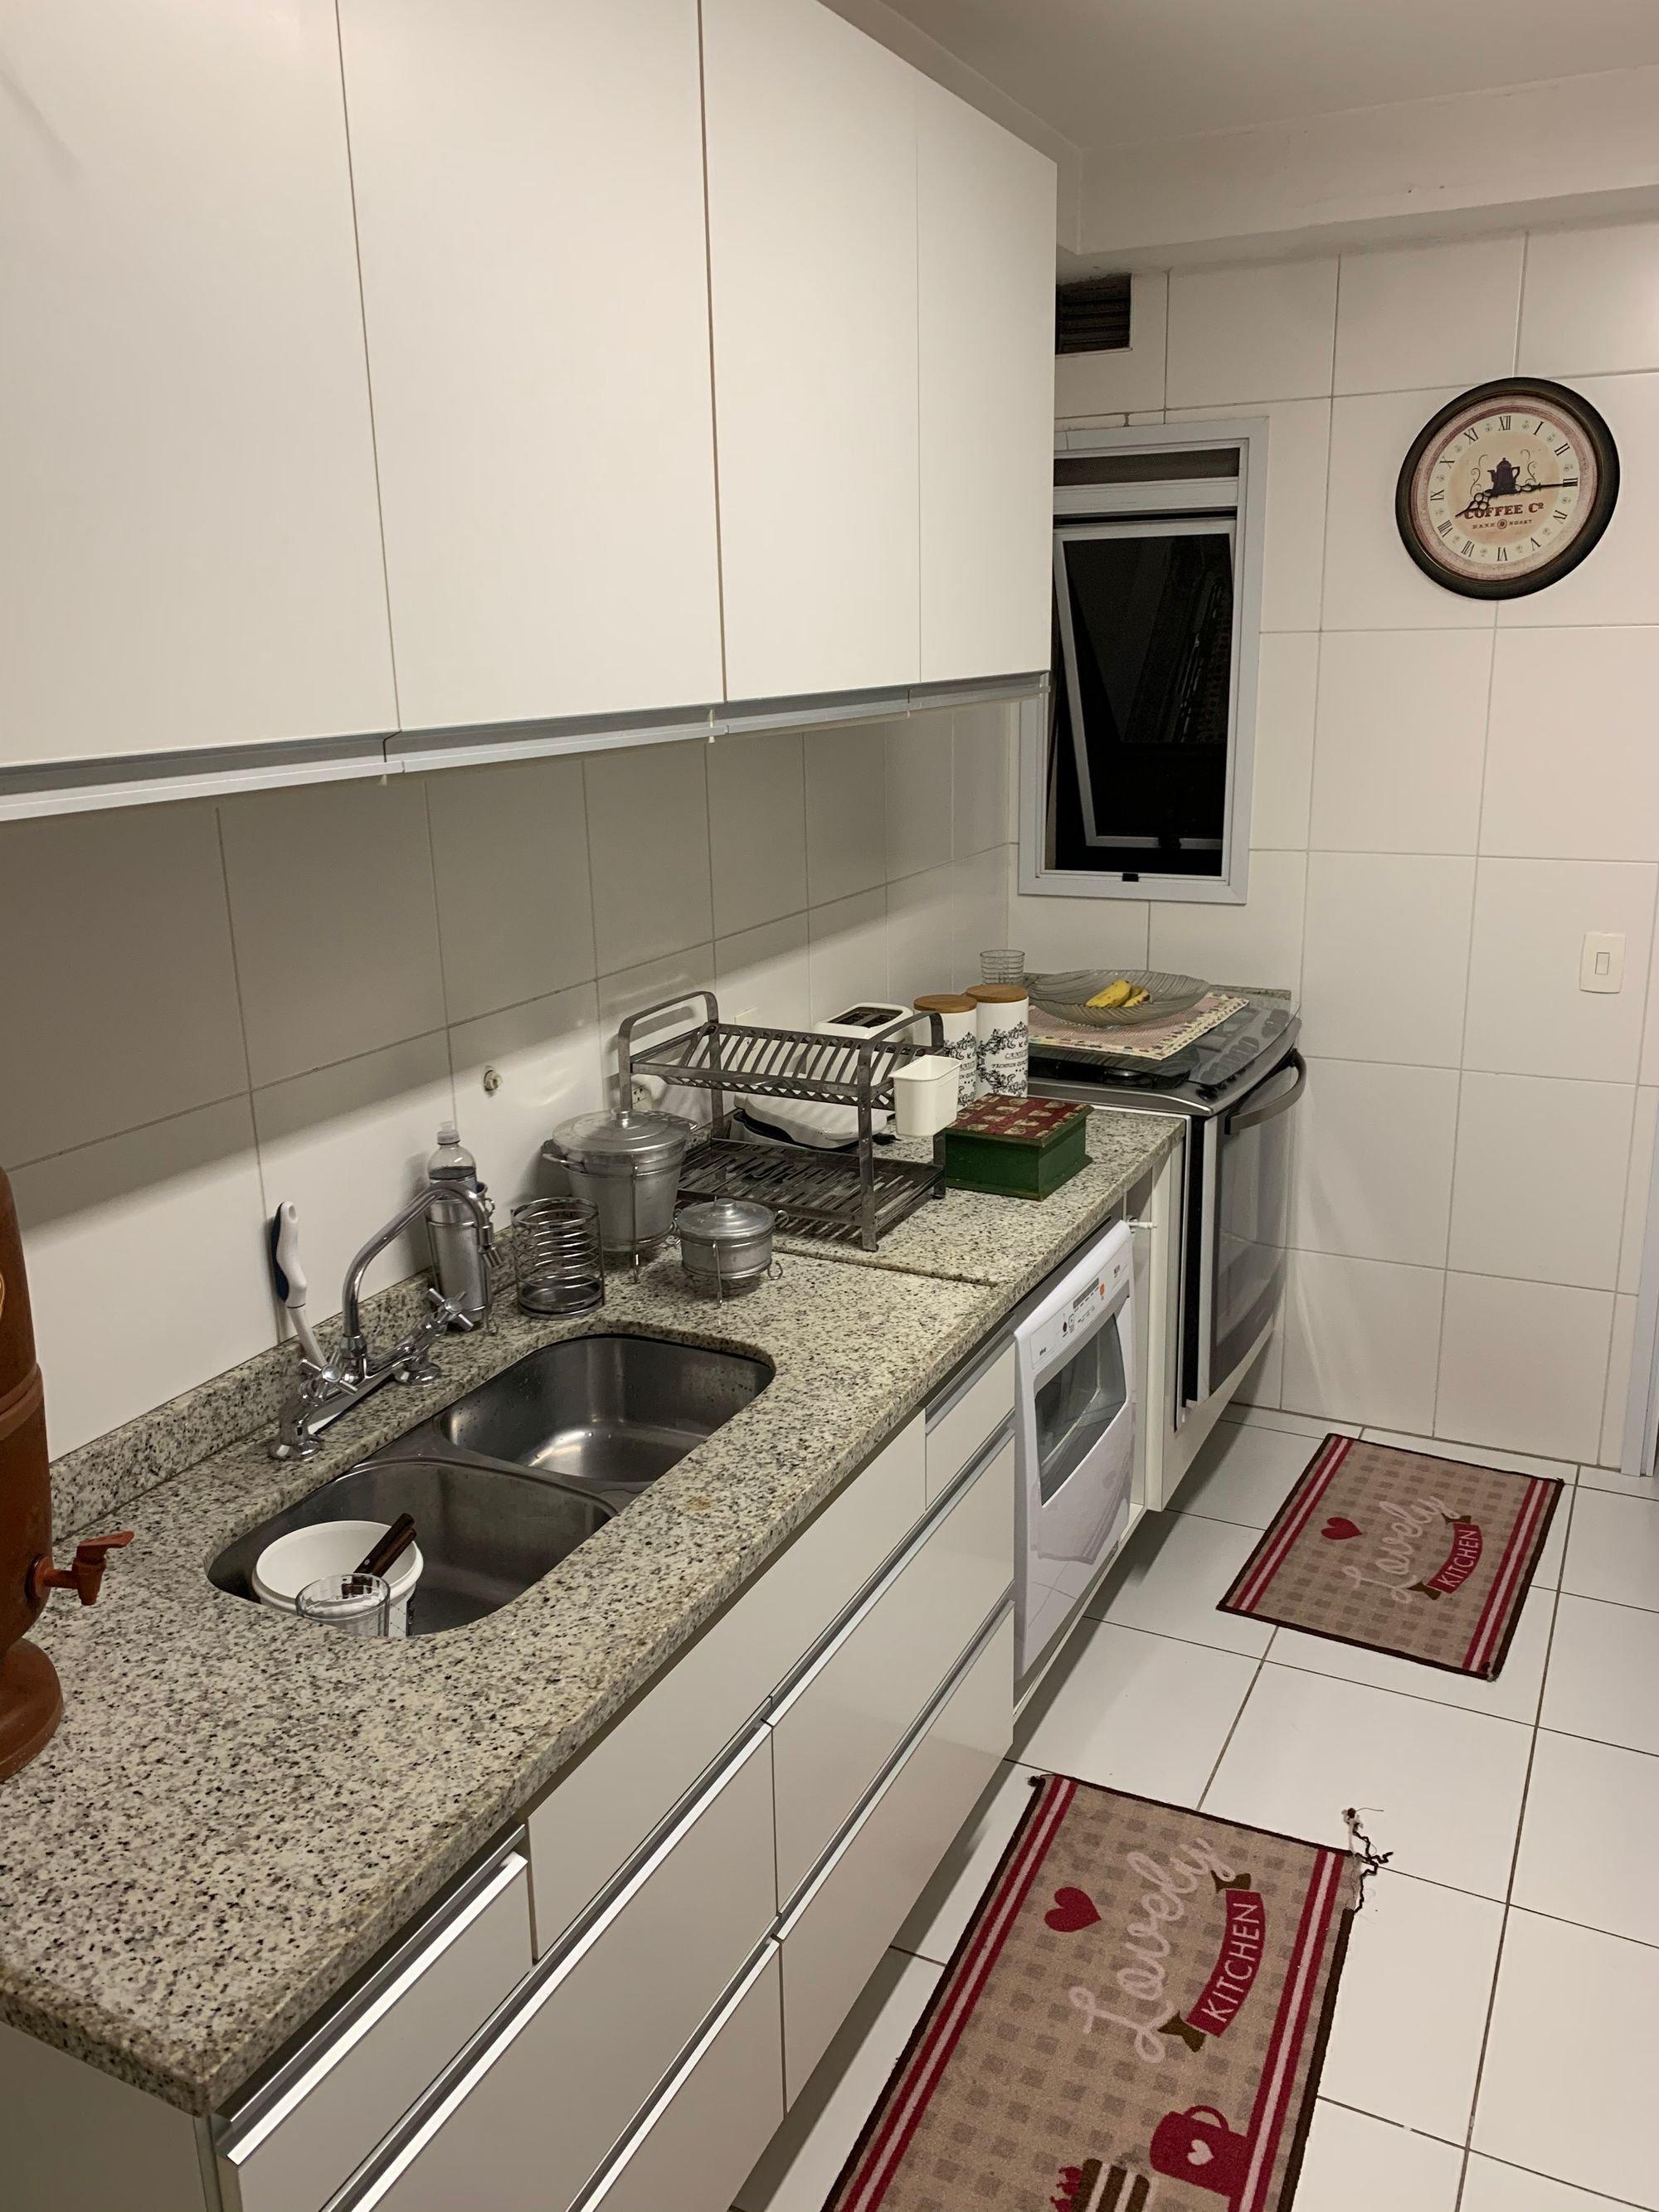 Foto de Cozinha com garrafa, relógio, tigela, pia